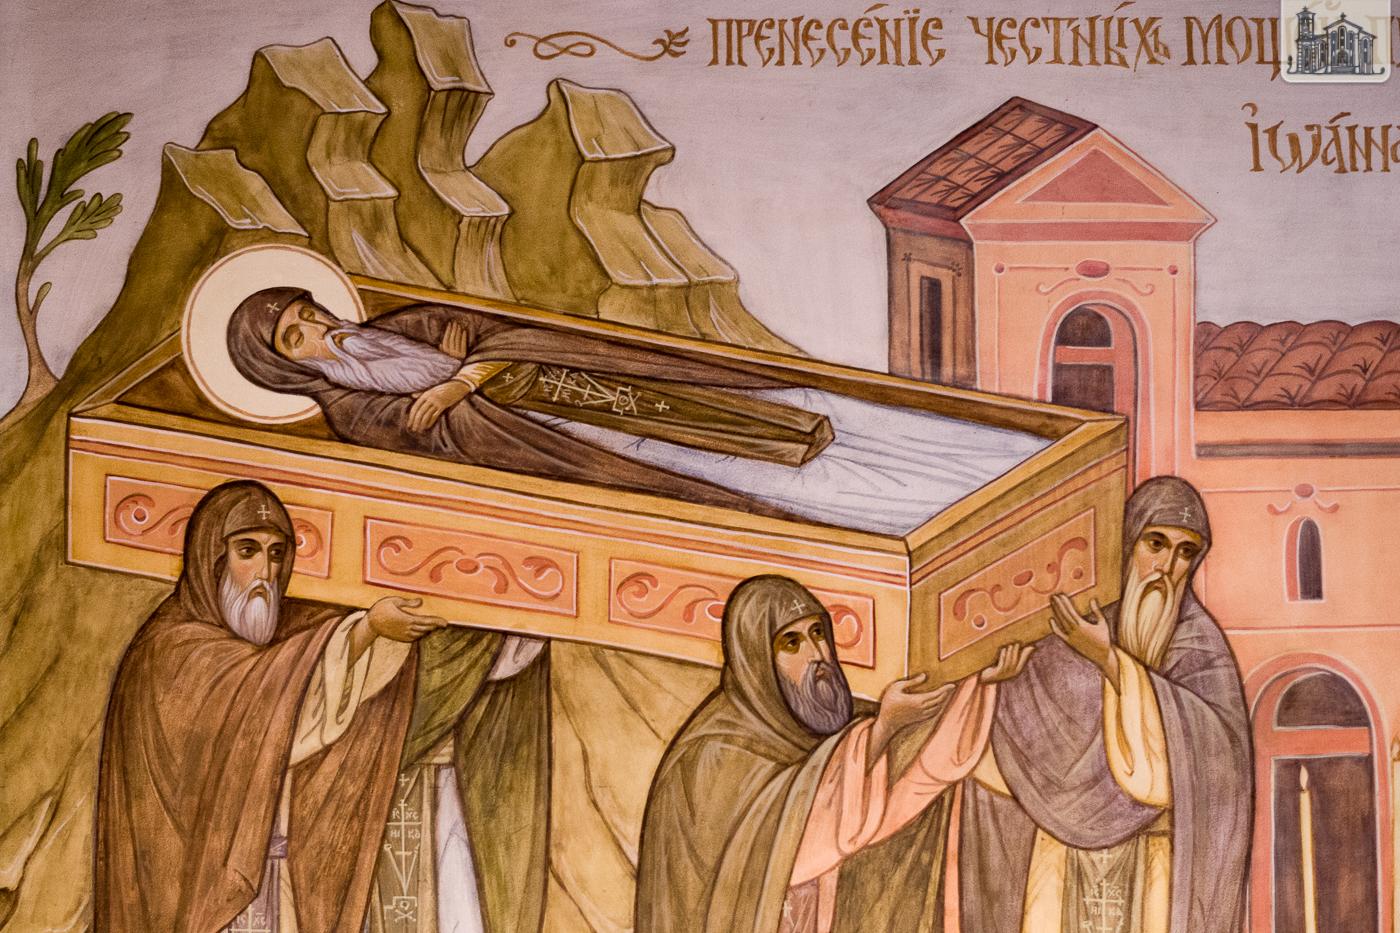 Възвръщане мощите на преп. Иоан Рилски от Търново в Рилския монастир